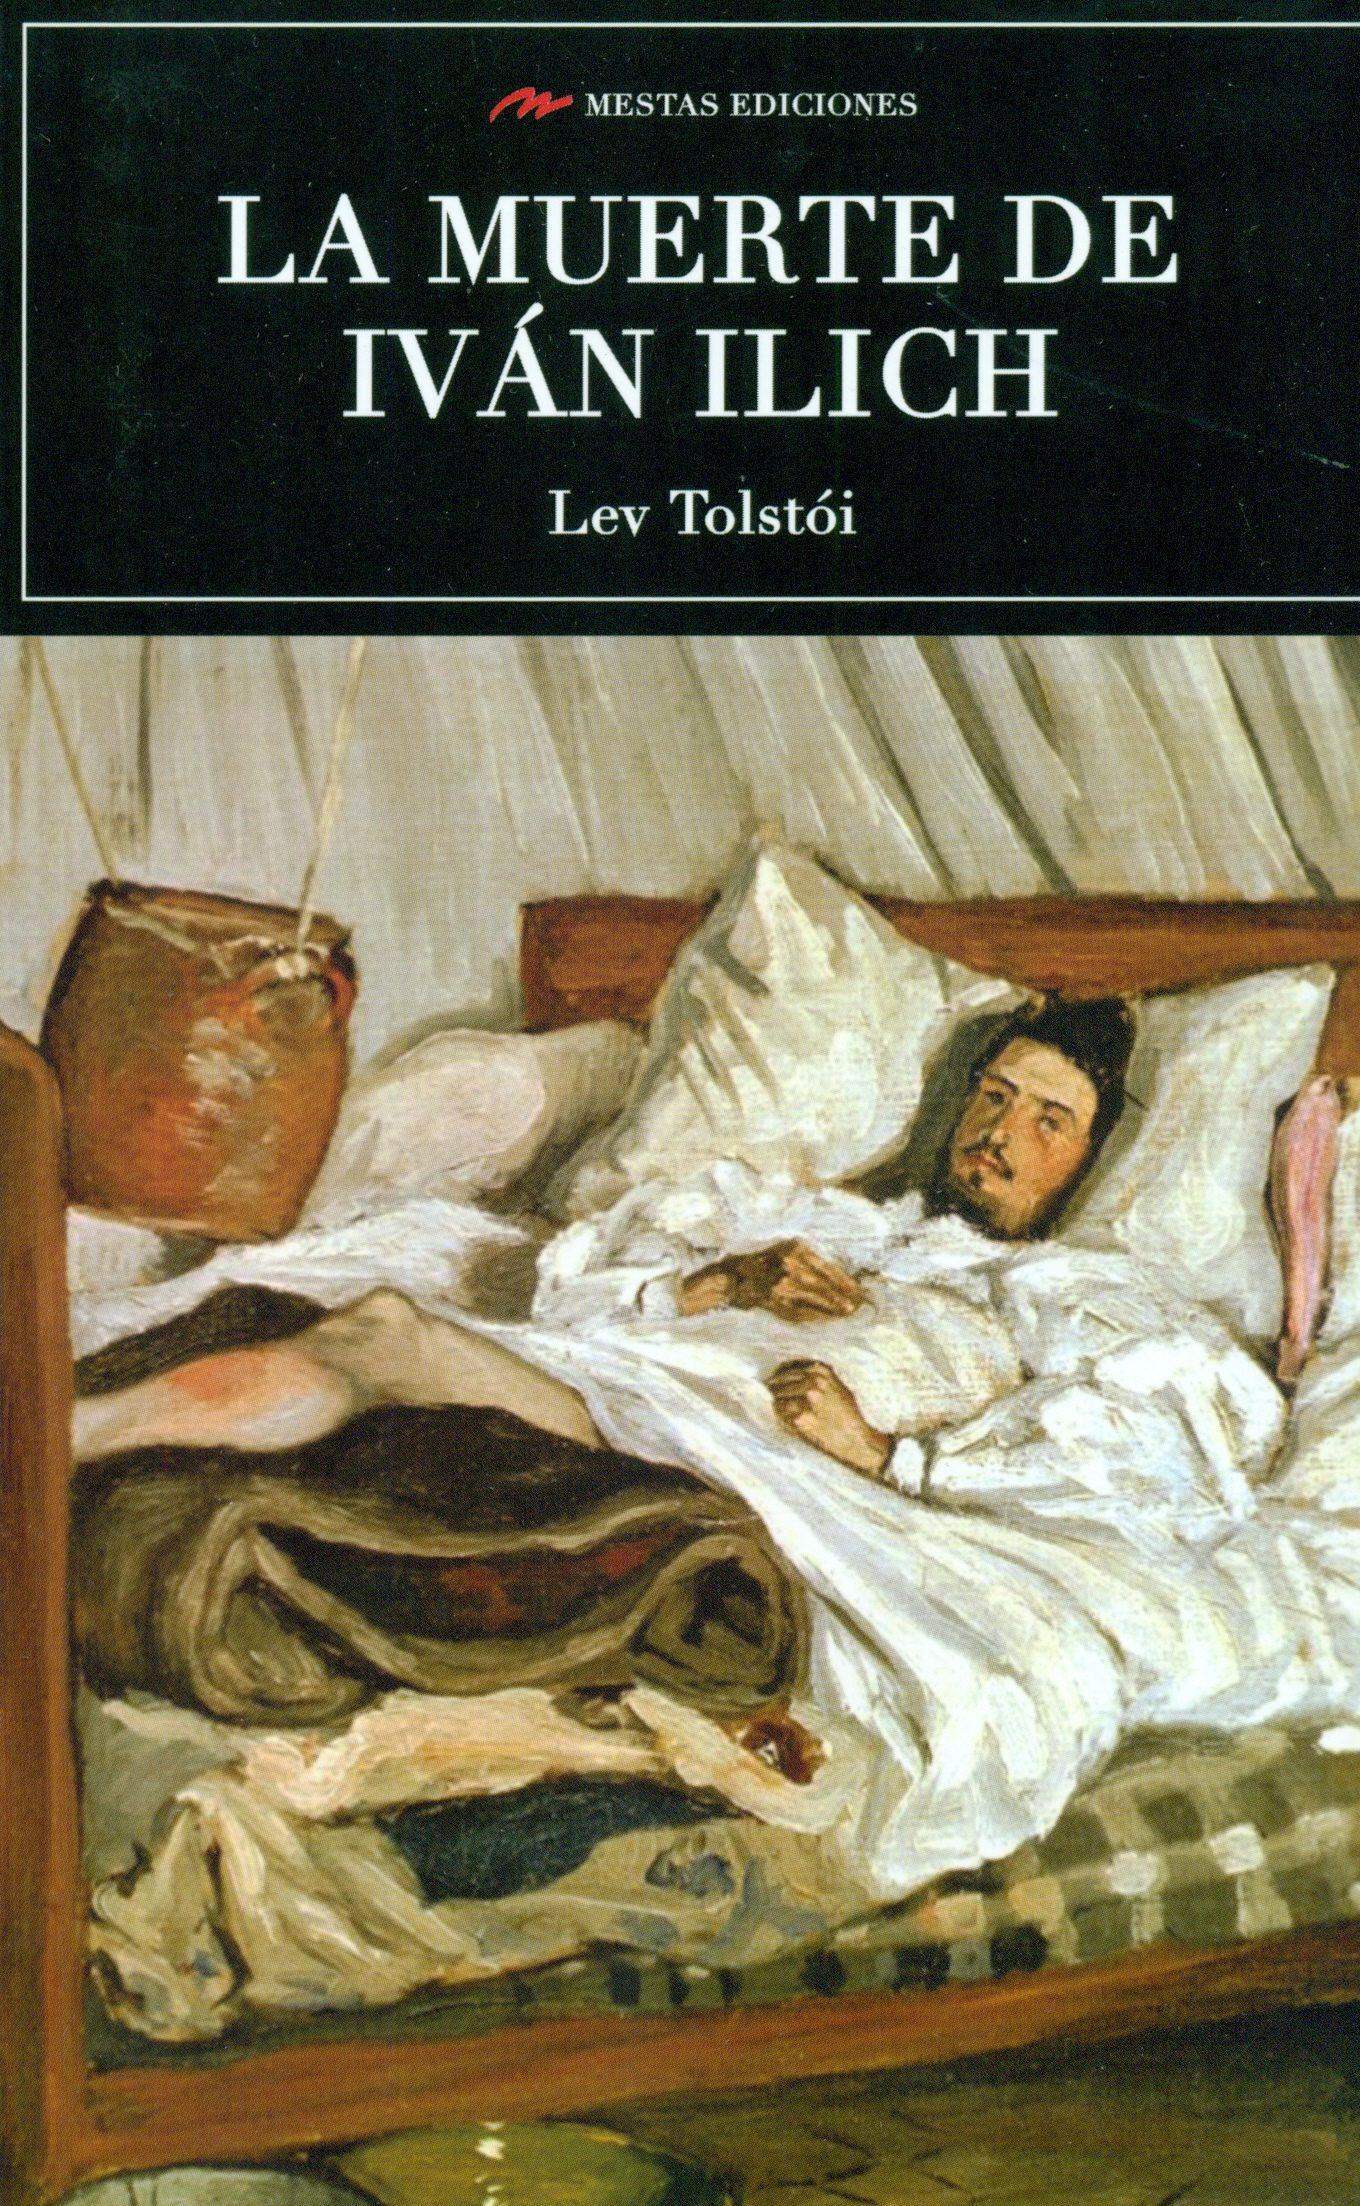 León Tolstoi-29